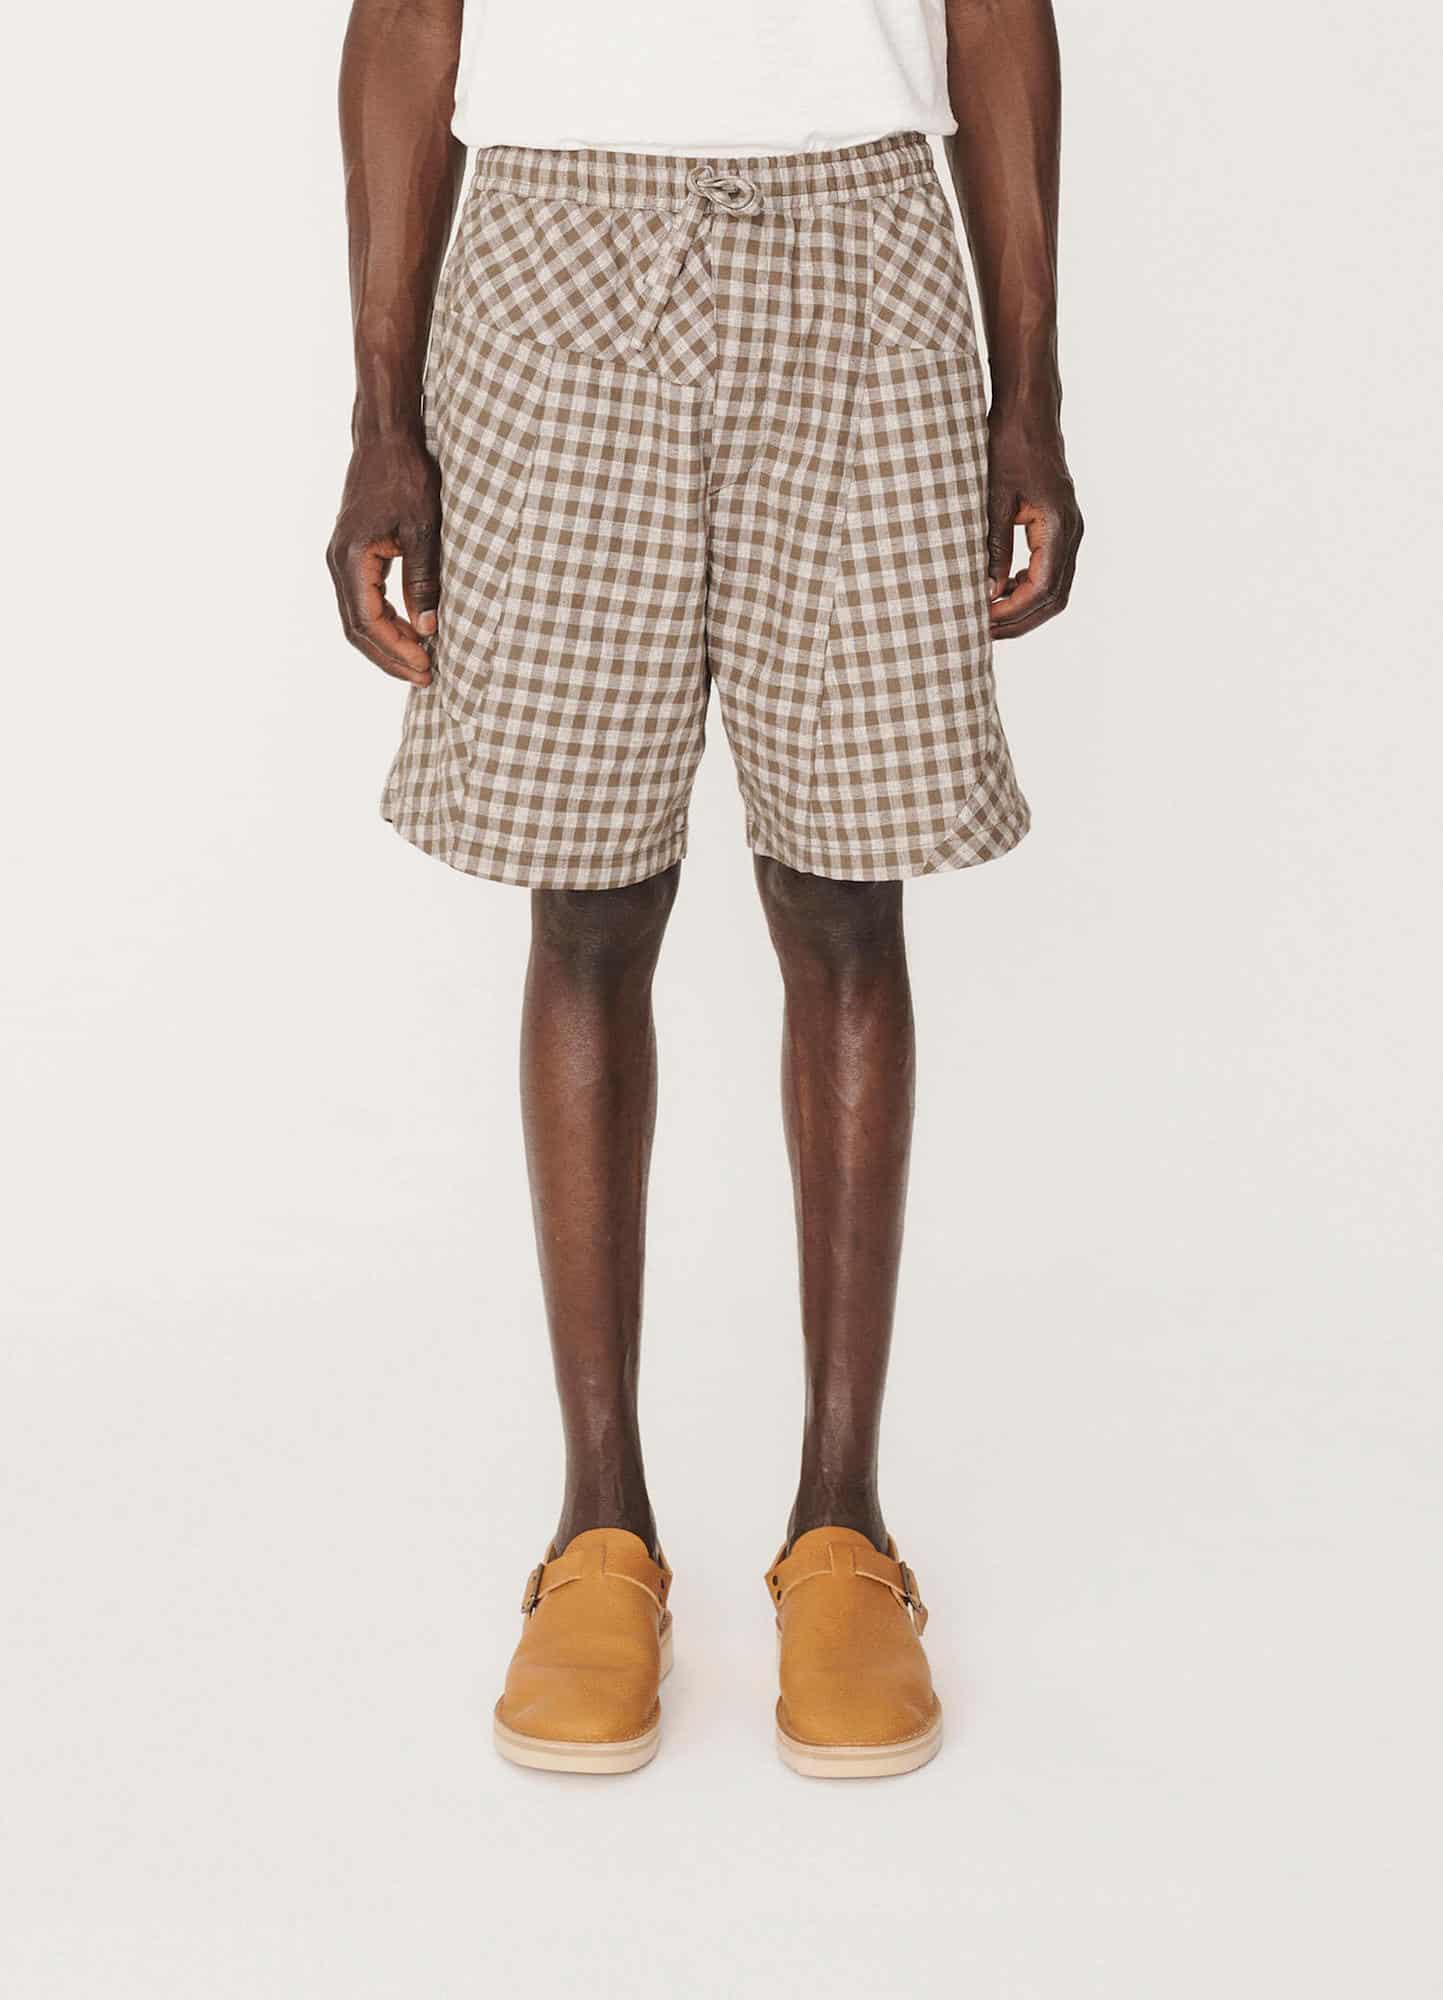 YMC - Castart - Z Patchwork check shorts - Olive